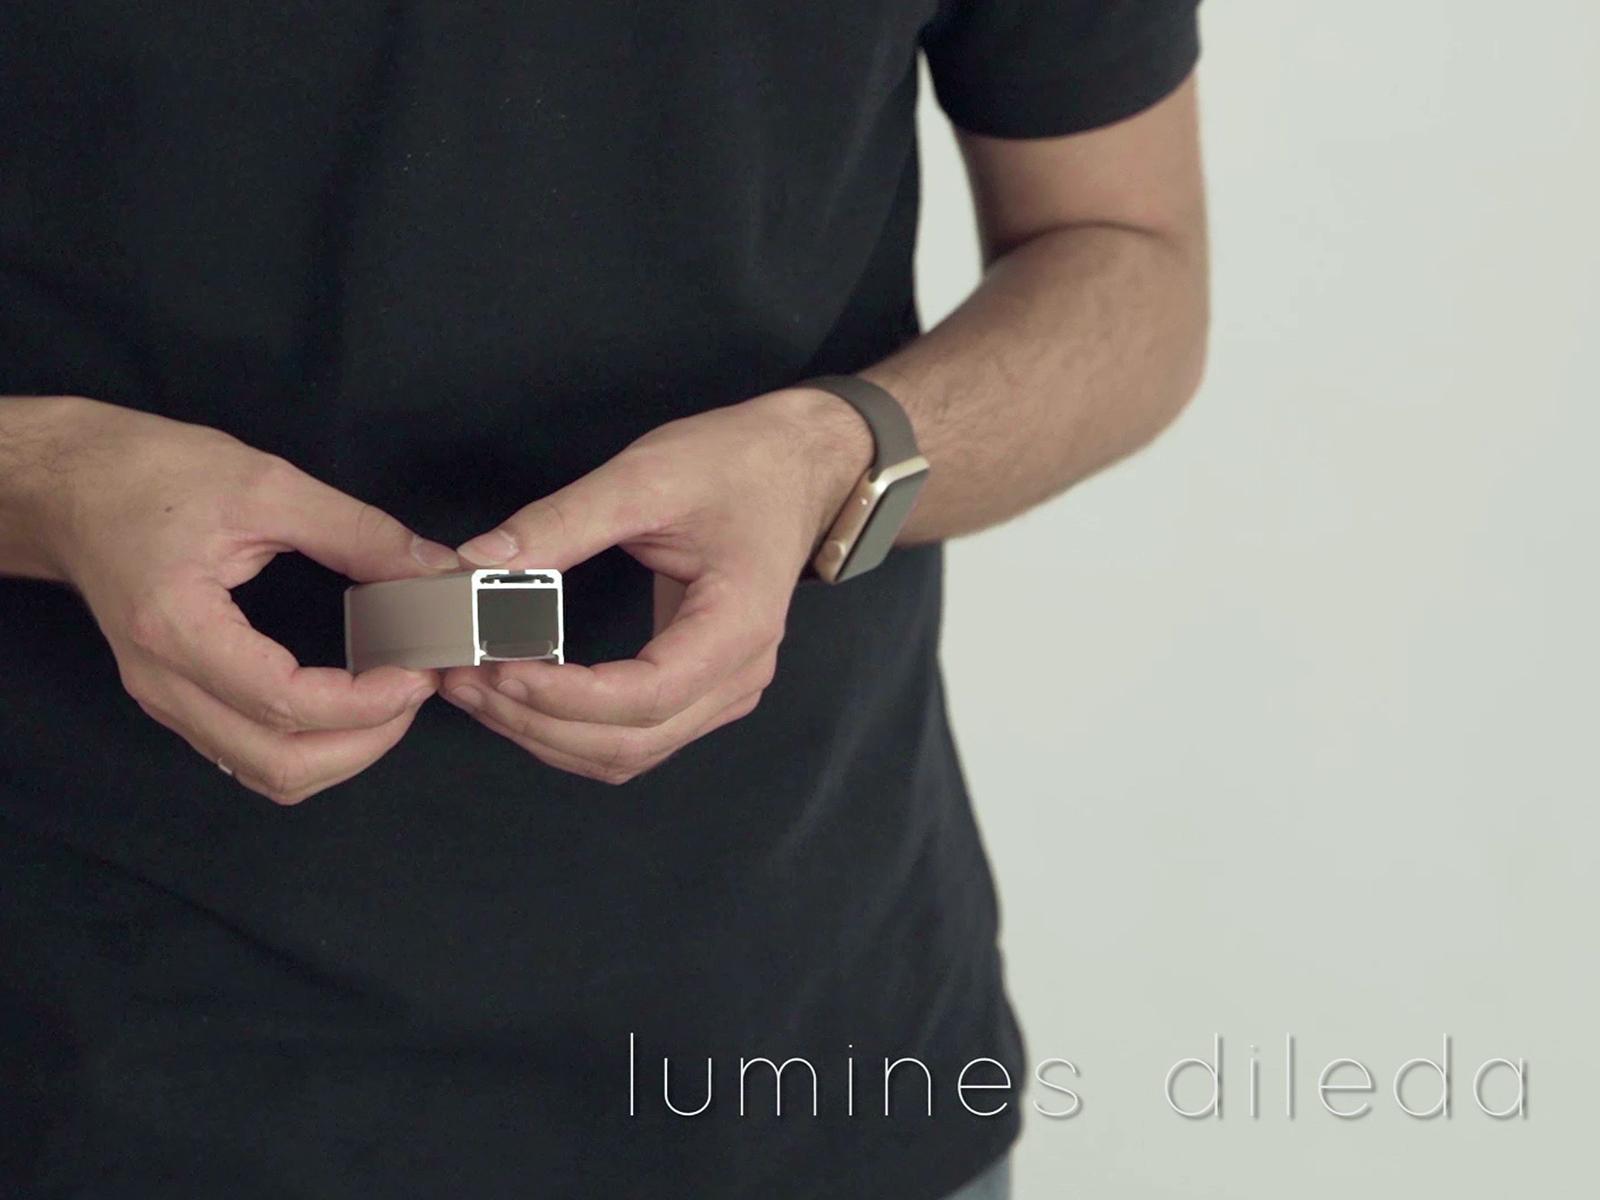 Lumines Dileda függeszthető LED profil horony